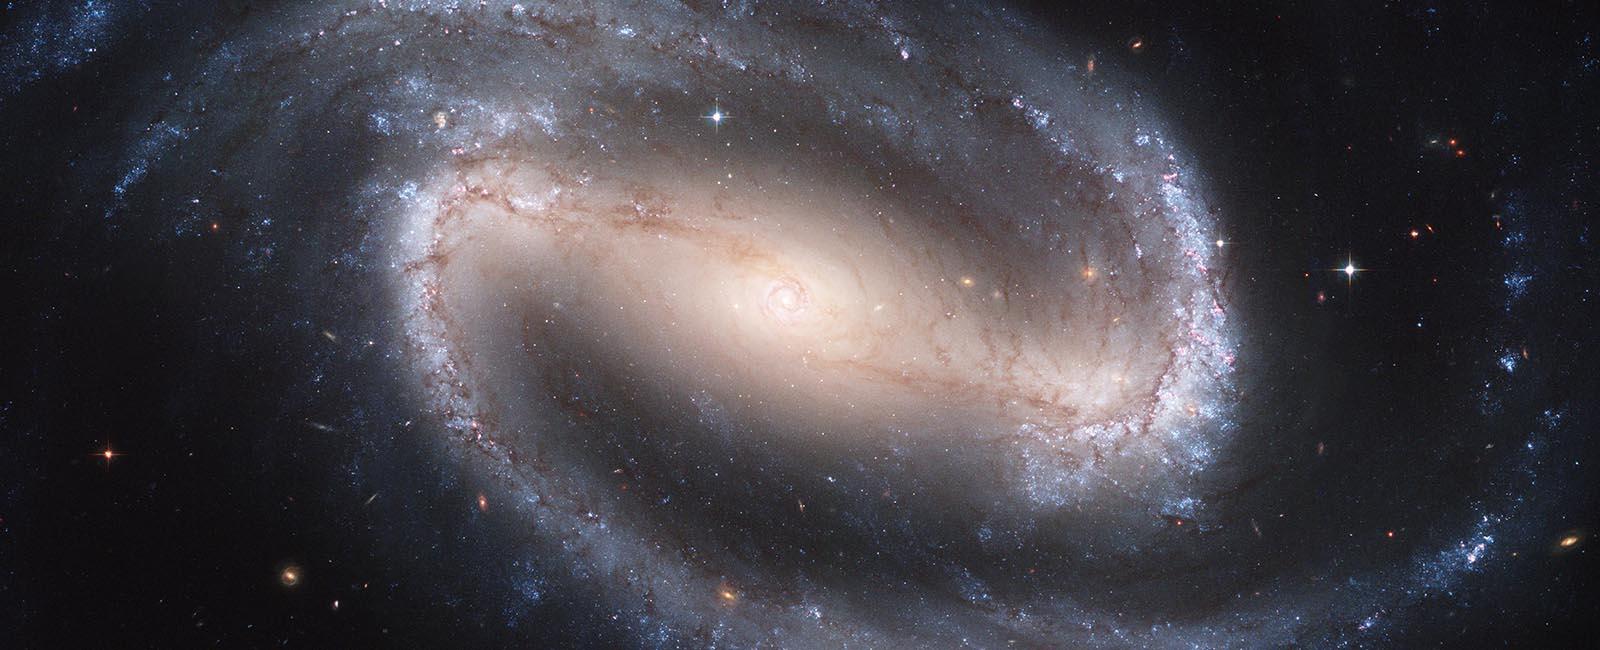 SPIRAL GALAXY NASA 1600×650